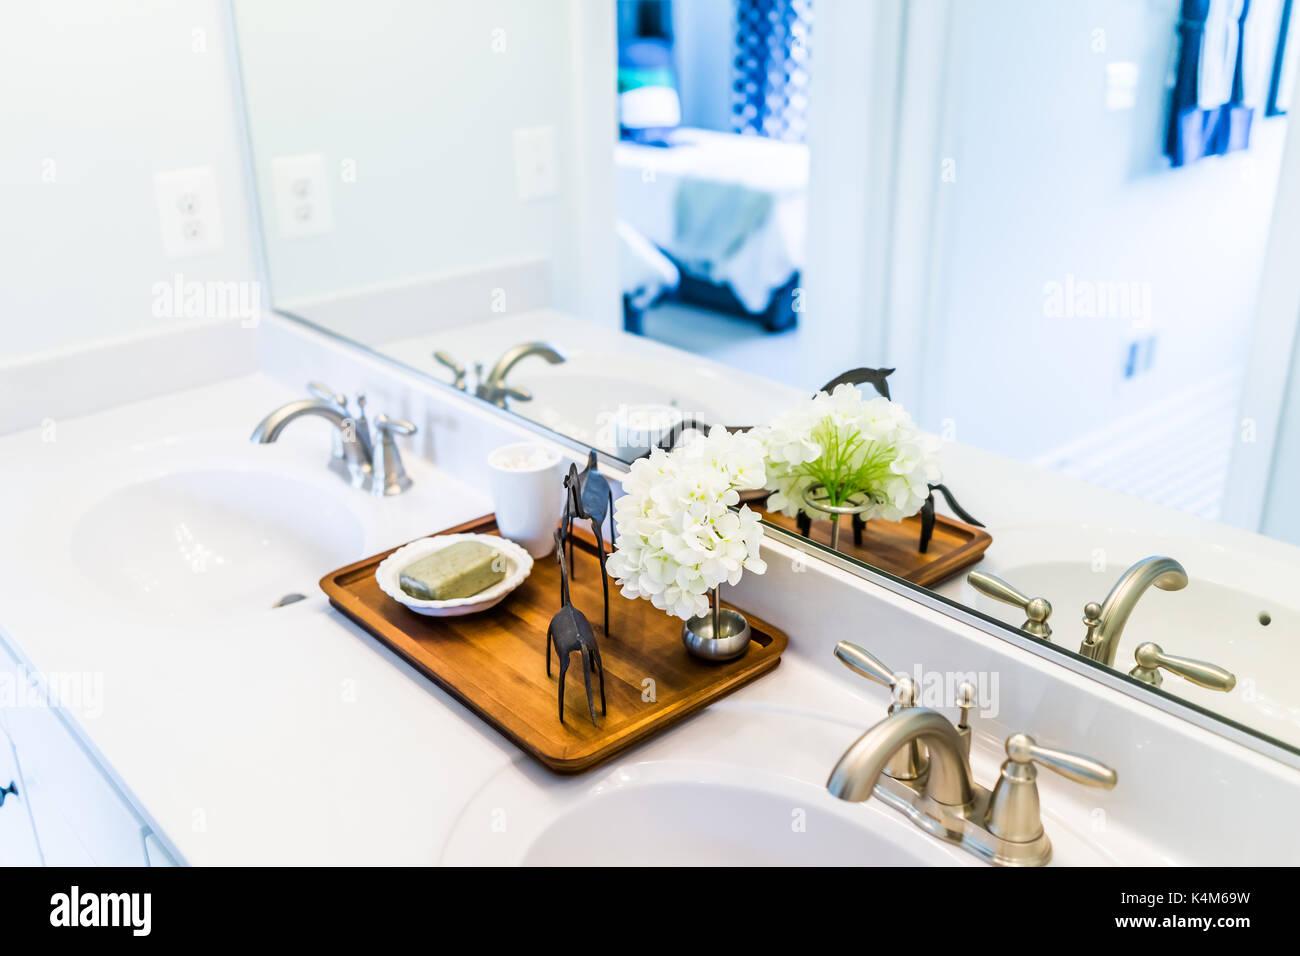 Nahaufnahme Der Modernen Badezimmer, Zwei Waschbecken Mit Weißer  Arbeitsplatte Und Spiegel In Der Inszenierung Modell Heim, Haus Oder  Apartment